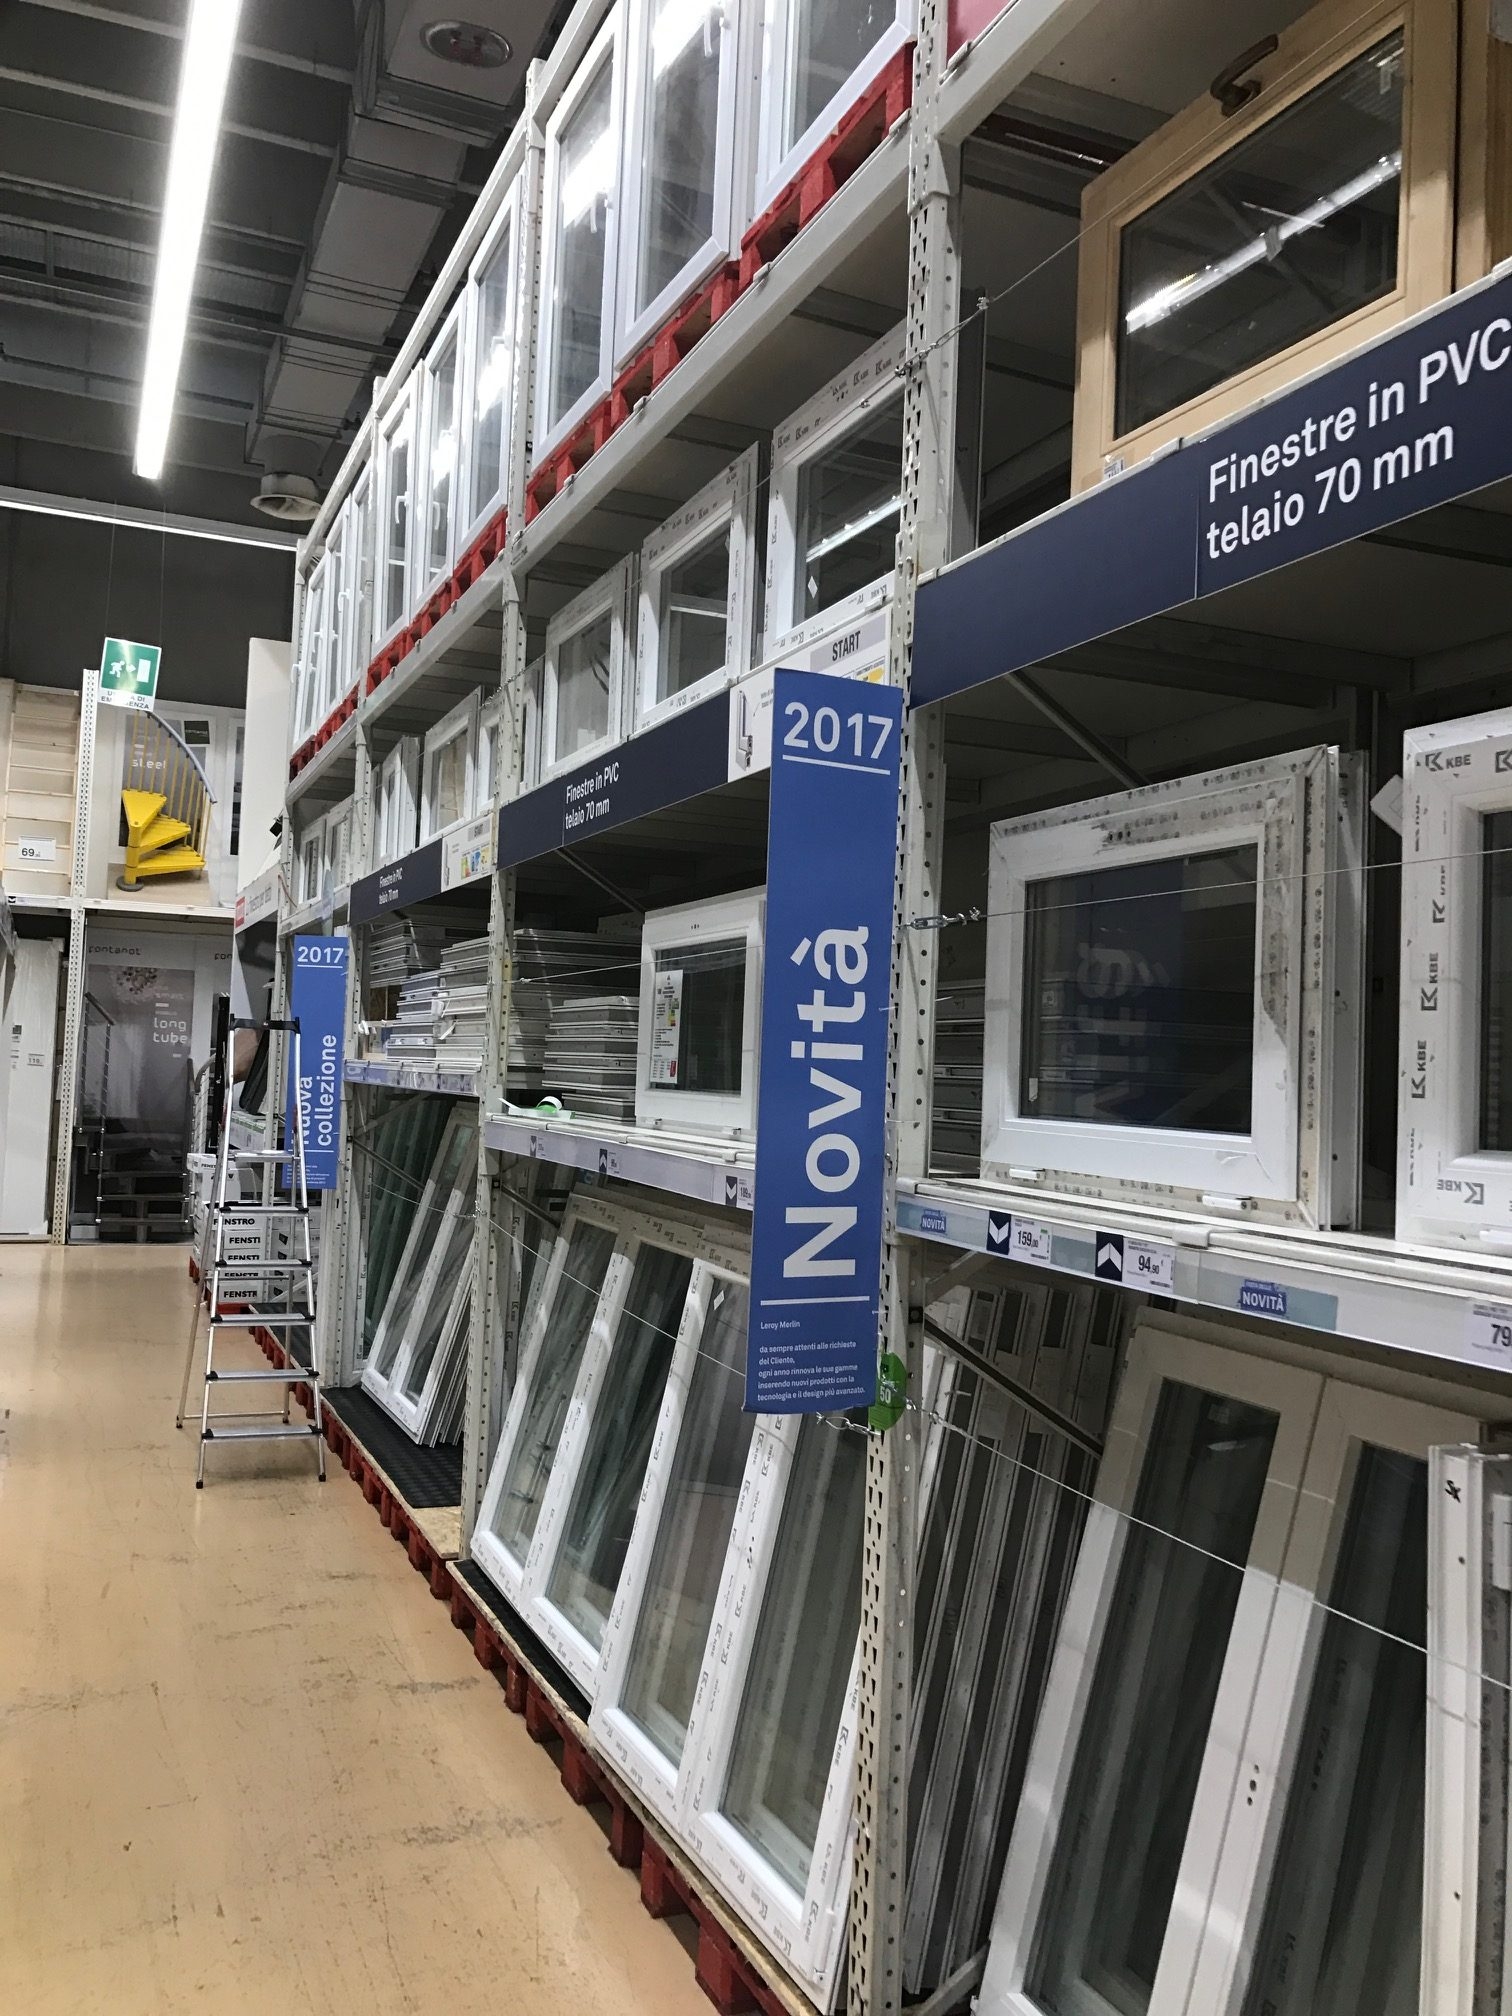 Lavorano Spesso Alle Finestre come scegliere rivenditore per acquistare serramenti ed